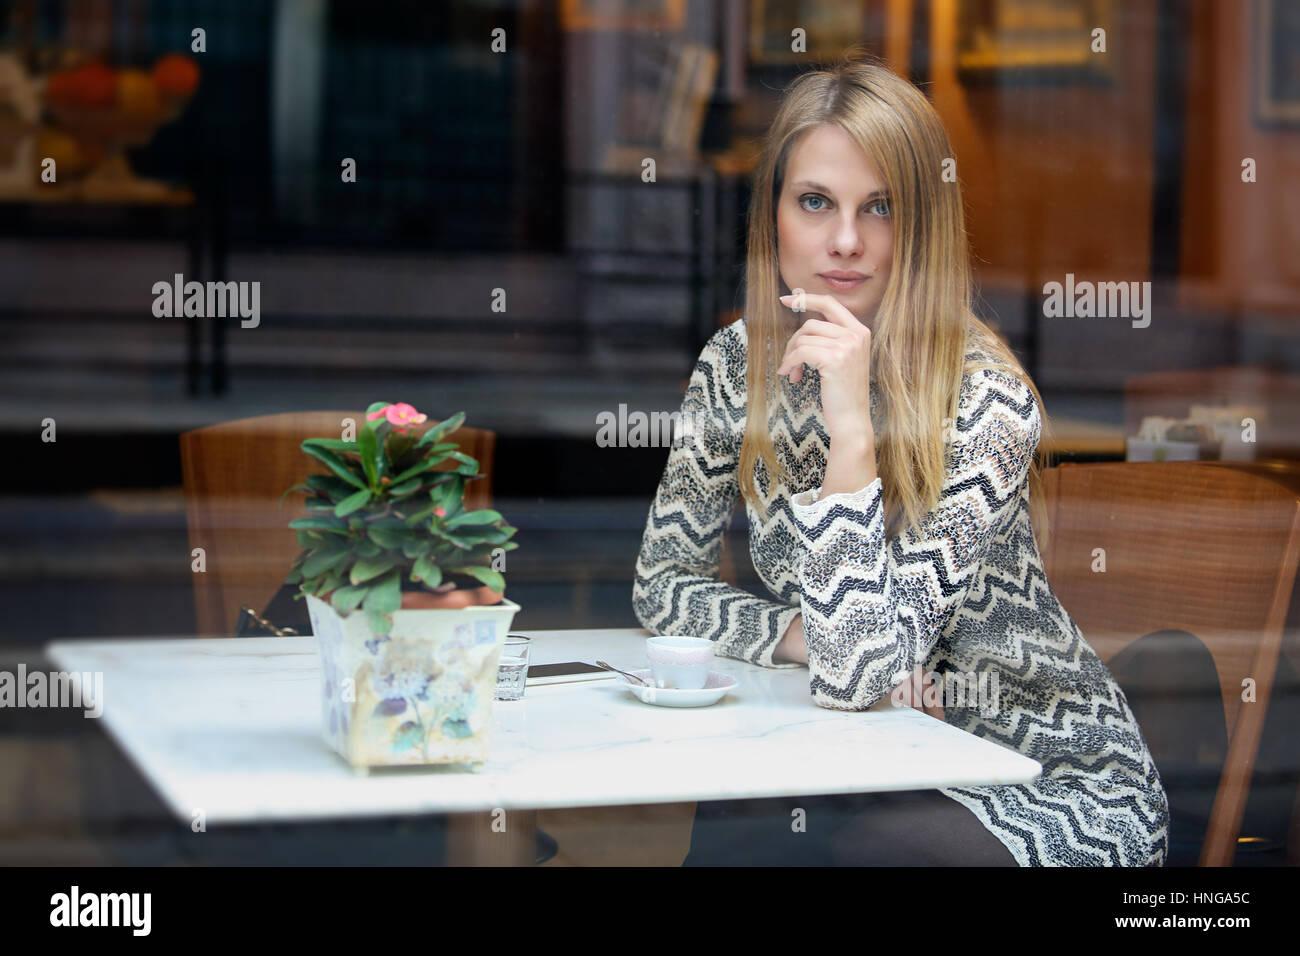 Belle femme à l'intérieur d'un café. Vie Ville Photo Stock